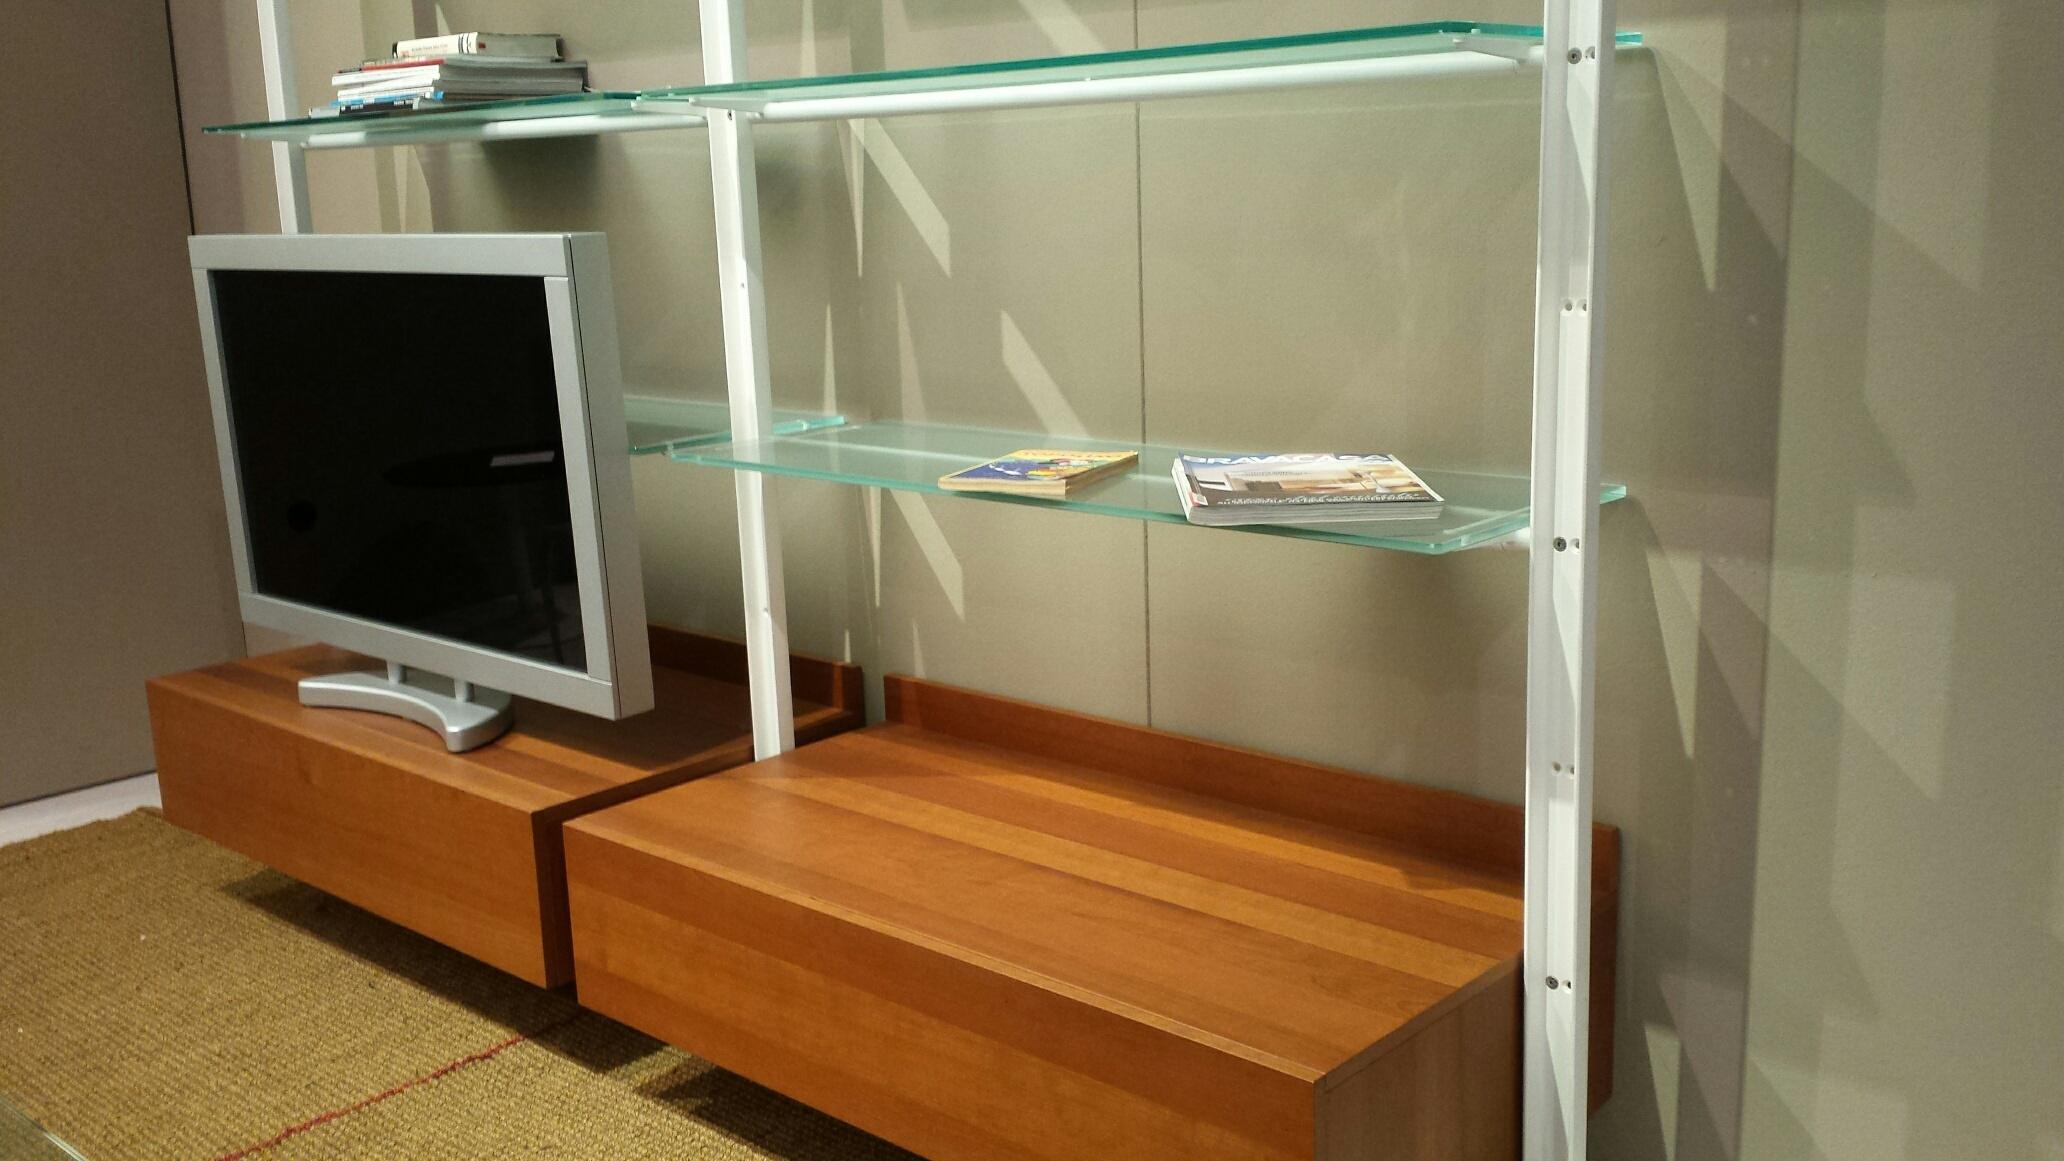 Soggiorno desalto armida legno librerie design soggiorni for Librerie design outlet